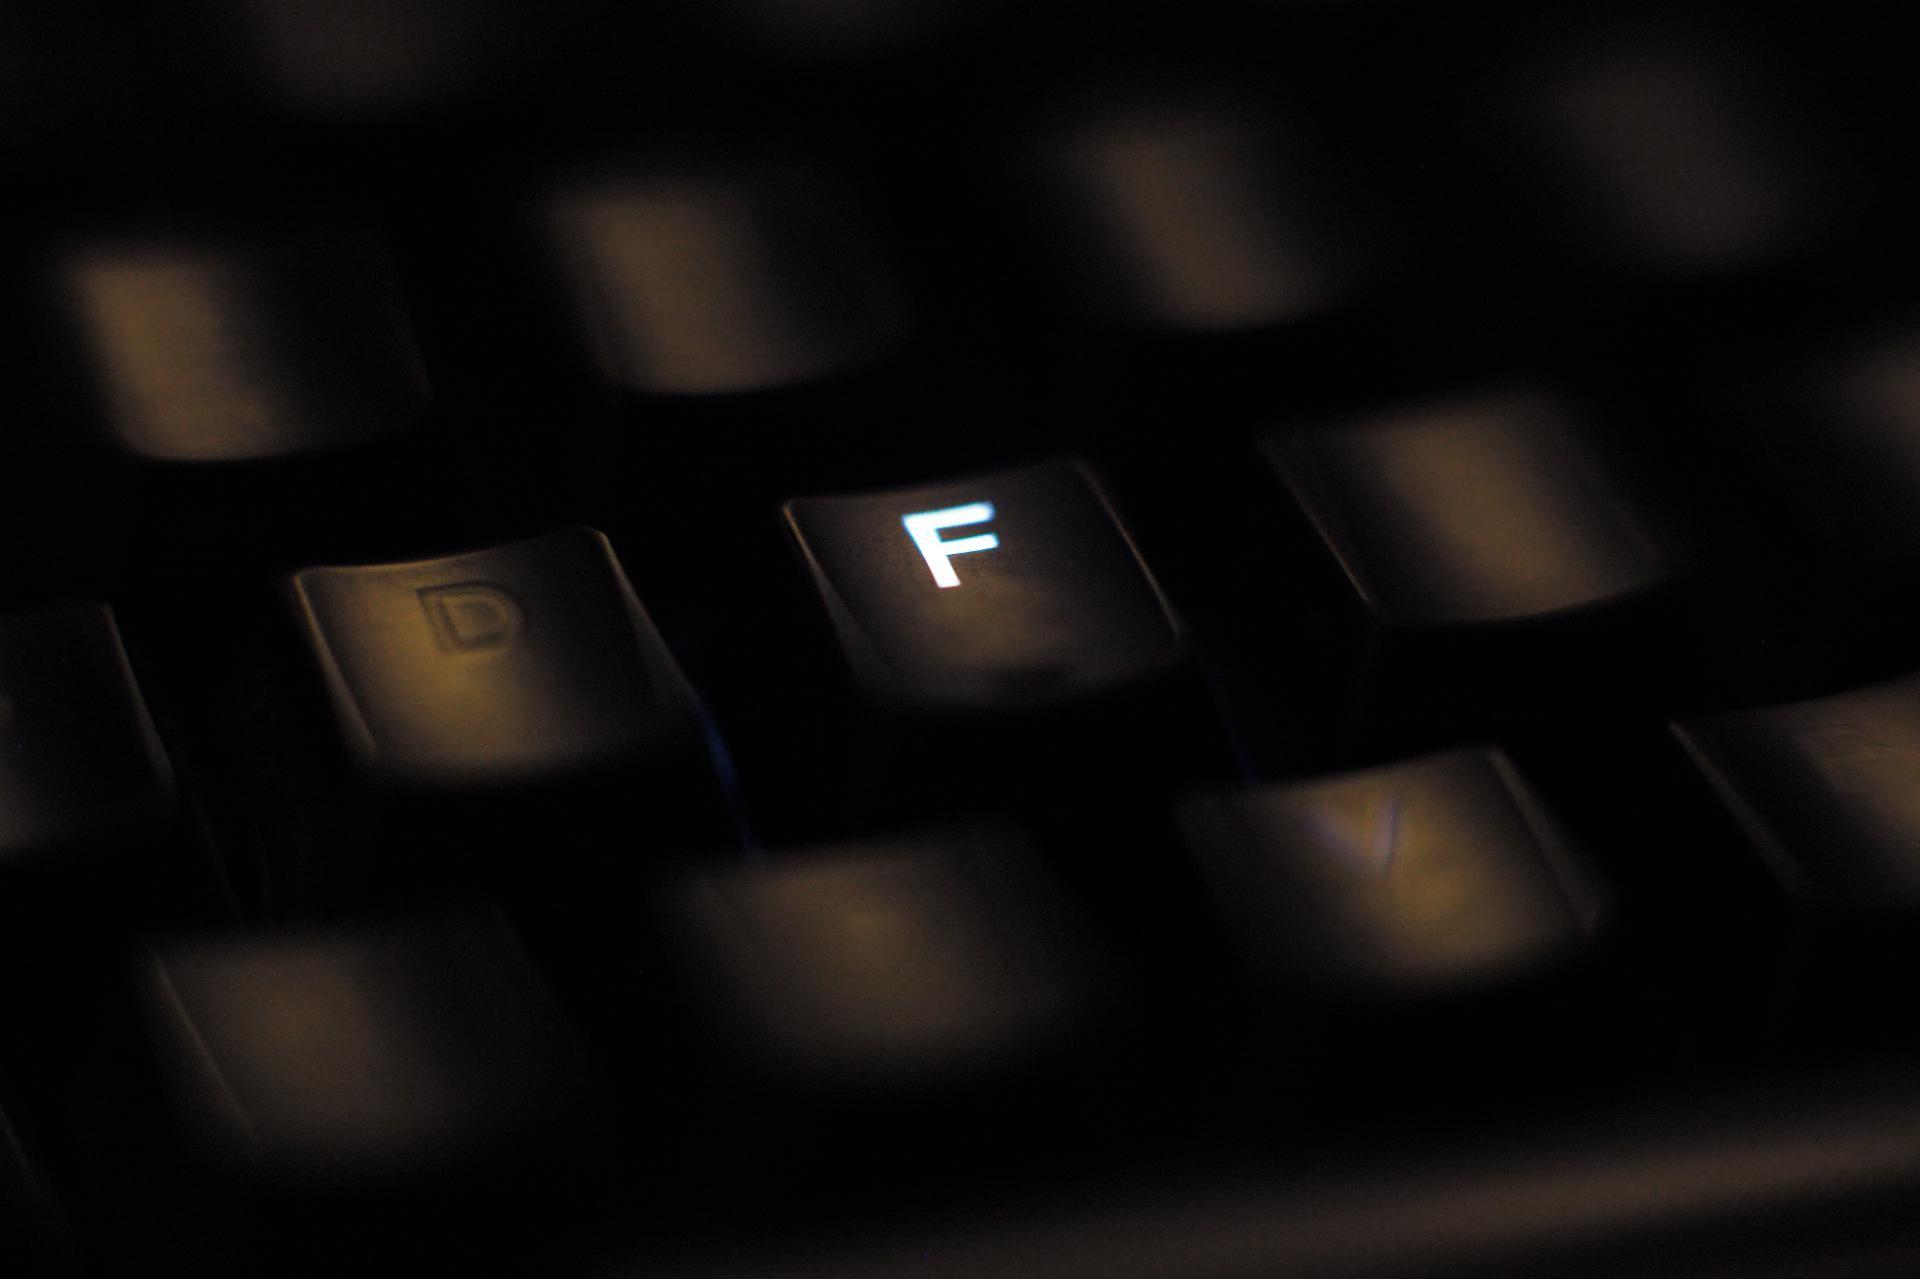 #deletefacebook – askel kerrallaan